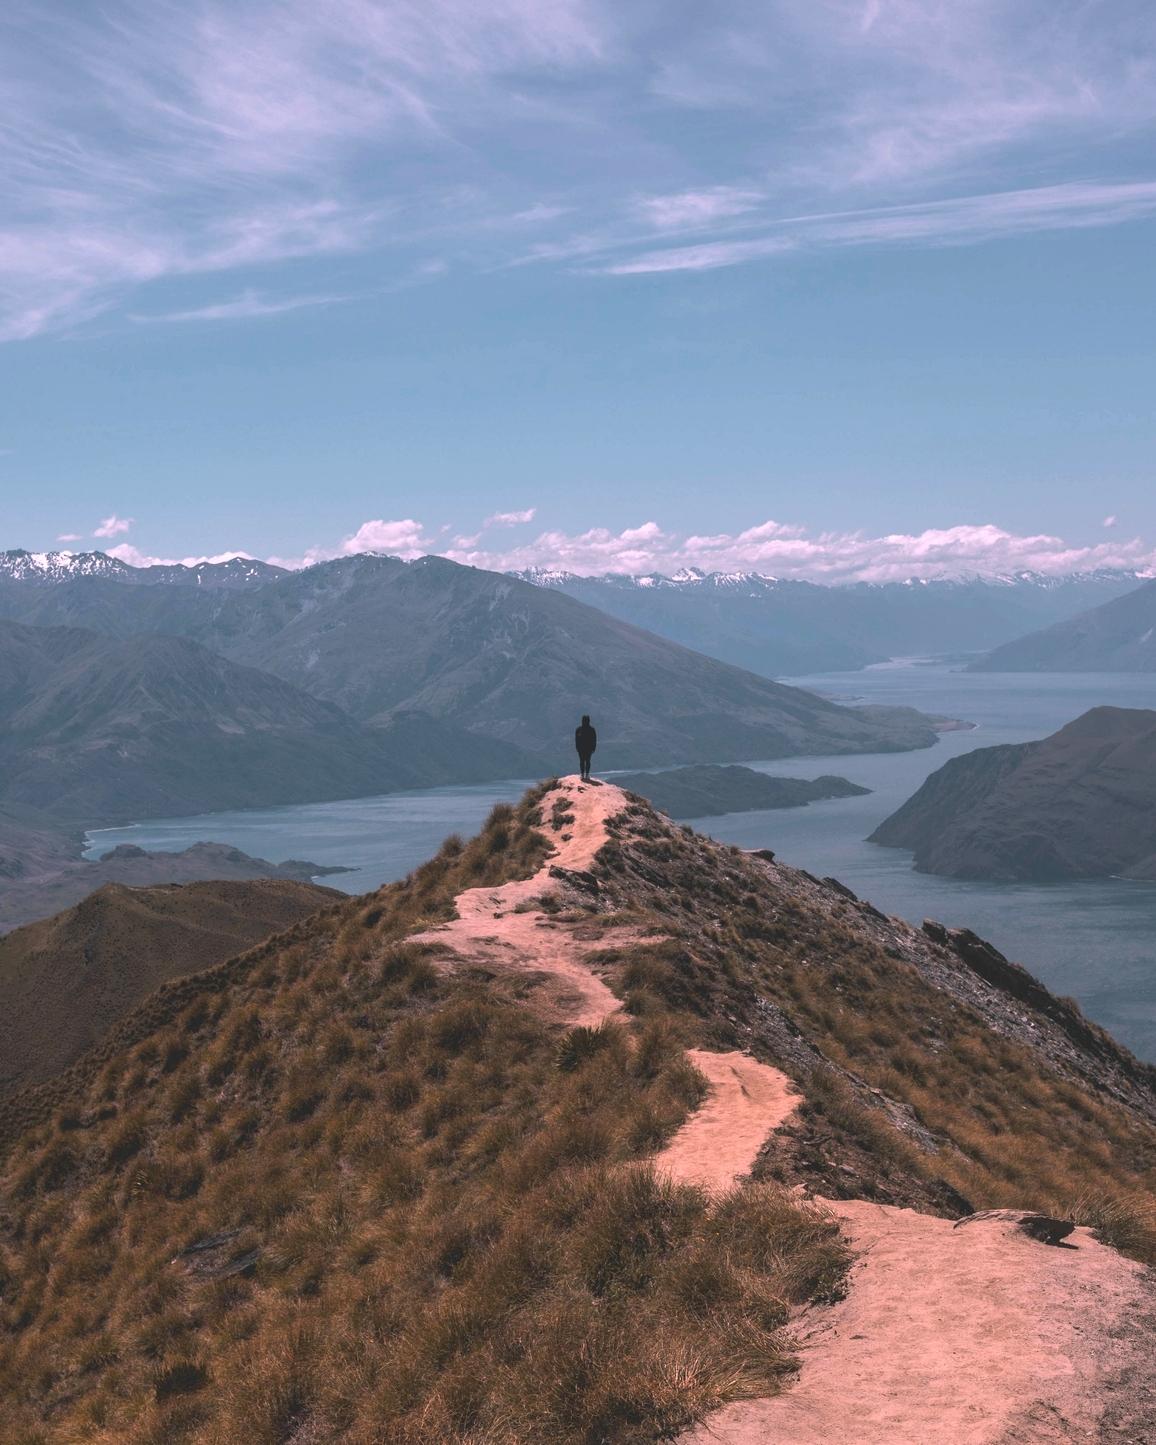 山でドローンを飛ばす場合の注意点(航空法)